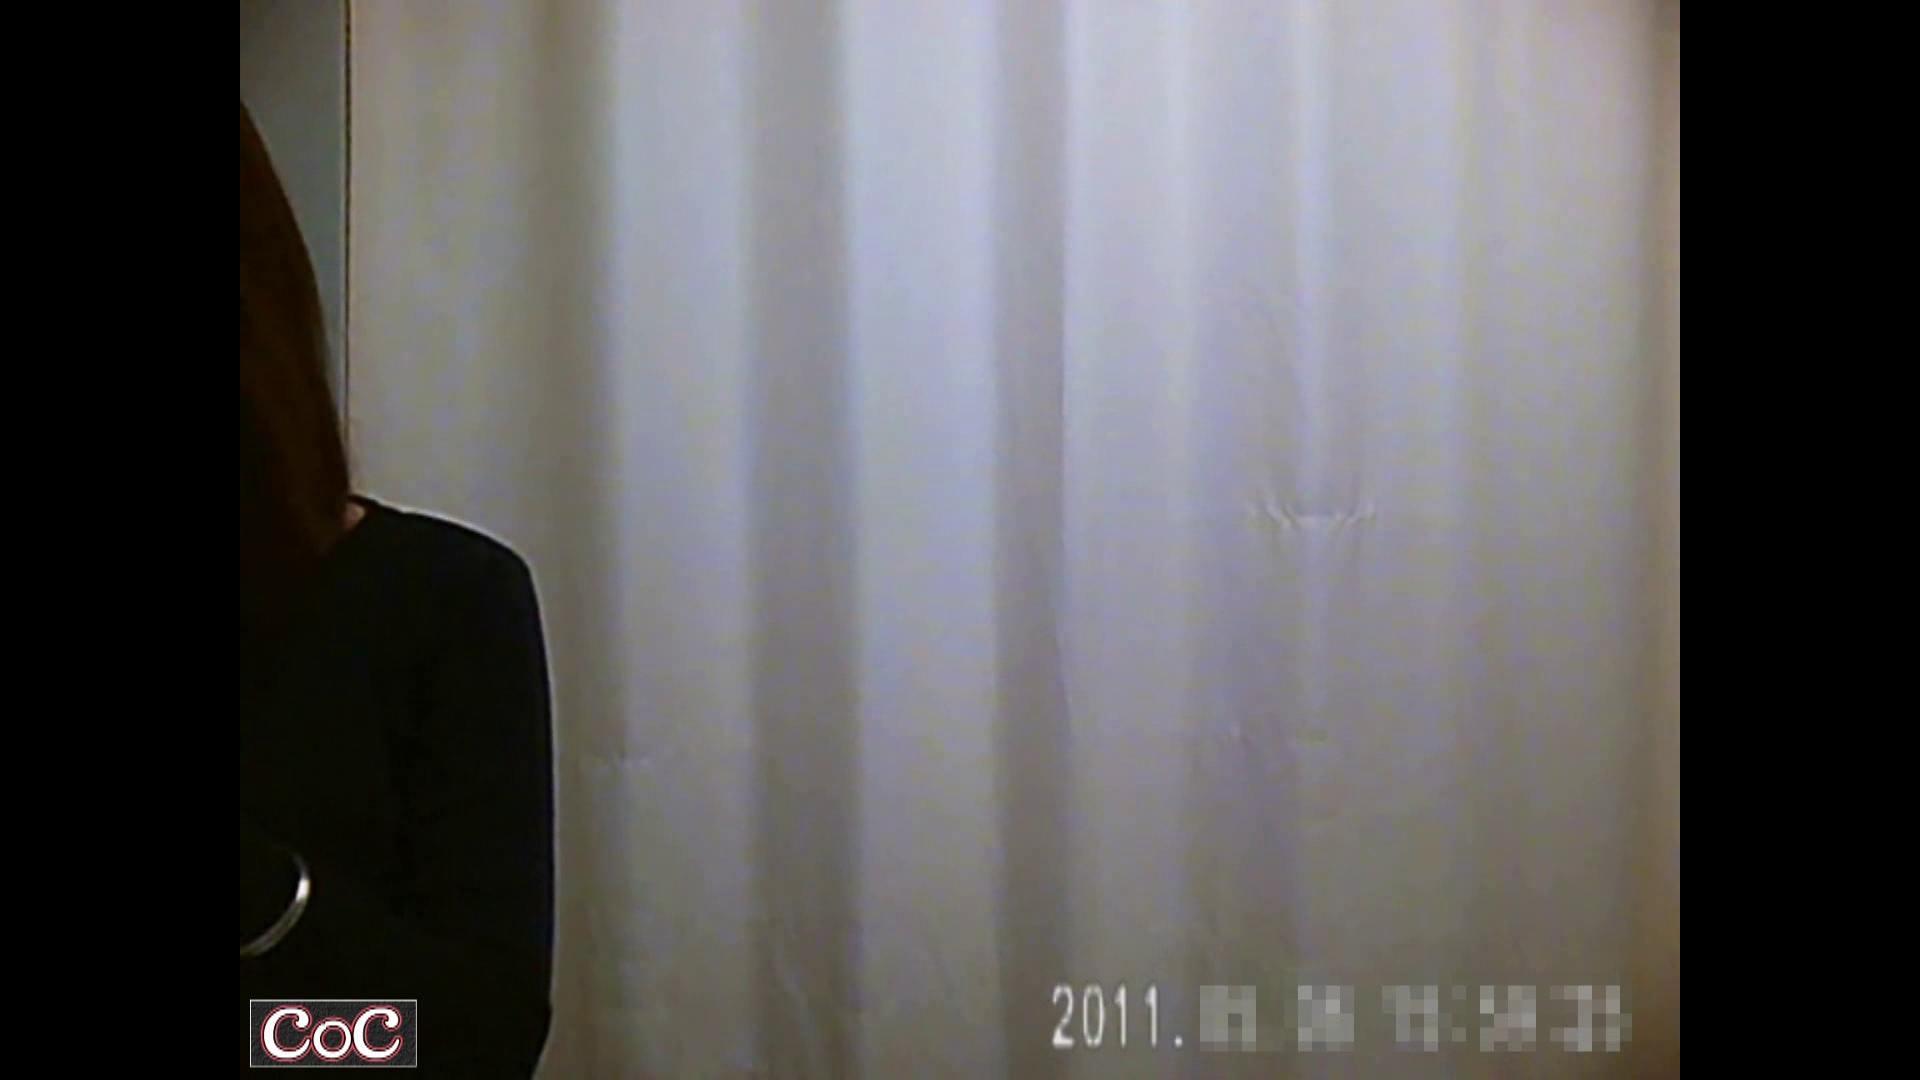 無料アダルト動画:元医者による反抗 更衣室地獄絵巻 vol.167:怪盗ジョーカー